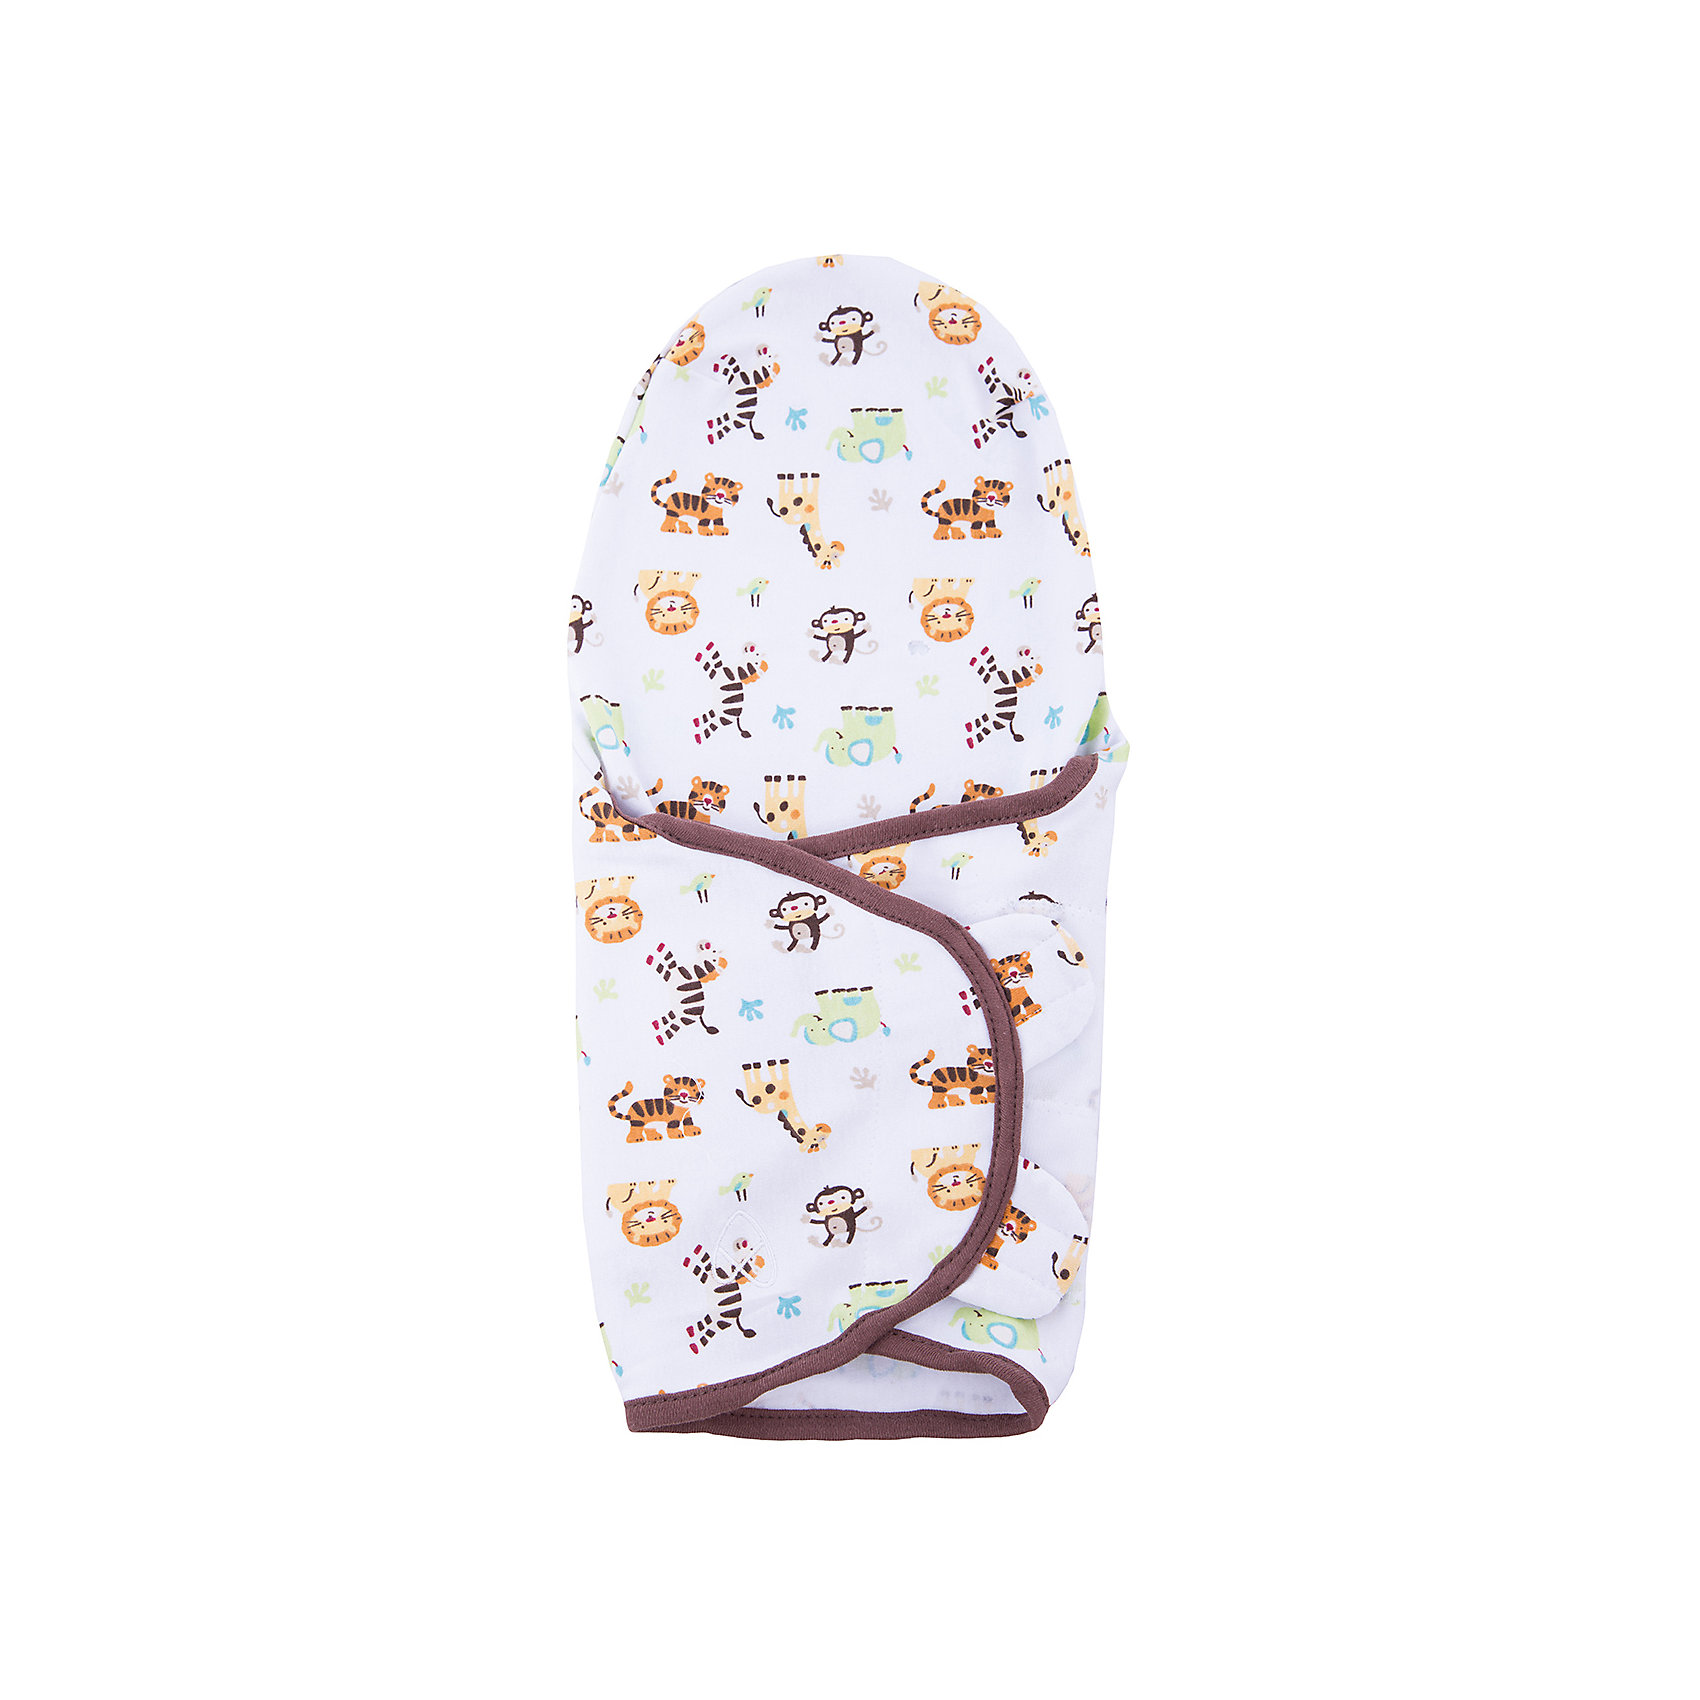 Конверт на липучке Swaddleme, размер S/M, Summer Infant,  джунглиПеленание<br>Характеристики конверта на липучке Swaddleme: <br><br>• конверт-мешок для детей первого года жизни;<br>• не сковывает движения ребенка;<br>• снижает рефлекс вздрагивания;<br>• конверт оснащен крыльями, малыш не сможет «освободиться» во время движений ручками;<br>• объятия крыльев регулируются по мере роста ребенка;<br>• тип застежки: липучки;<br>• отверстие в области ног ребенка для смены подгузника;<br>• размер конверта: S/M;<br>• длина конверта: 55 см;<br>• рост ребенка: 56-62 см;<br>• вес ребенка: 3-6 кг;<br>• возраст ребенка: от рождения до 3-х месяцев;<br>• состав ткани: 100% хлопок.<br><br>Конверт-мешок на липучке позволяет деткам первого года жизни вести себя спокойнее во сне, снижает рефлекс вздрагивания, при этом конверт не сковывает движений ребенка. Ручки обтянуты мягкими эластичными «крыльями» конверта, а ножками ребенок может легко теребить. Регулируемые объятия крыльев дают возможность подгонять размер конверта в зависимости от его роста и веса. Отверстие конверта в области ножек малыша дает возможность контролировать наполненность подгузника, чтобы осуществить своевременную его замену. <br><br>Размер упаковки: 27х15х2,5 см<br>Вес: 180 г<br><br>Конверт на липучке Swaddleme, размер S/M, Summer Infant, джунгли можно купить в нашем интернет-магазине.<br><br>Ширина мм: 150<br>Глубина мм: 270<br>Высота мм: 25<br>Вес г: 180<br>Возраст от месяцев: 0<br>Возраст до месяцев: 3<br>Пол: Унисекс<br>Возраст: Детский<br>SKU: 5507997